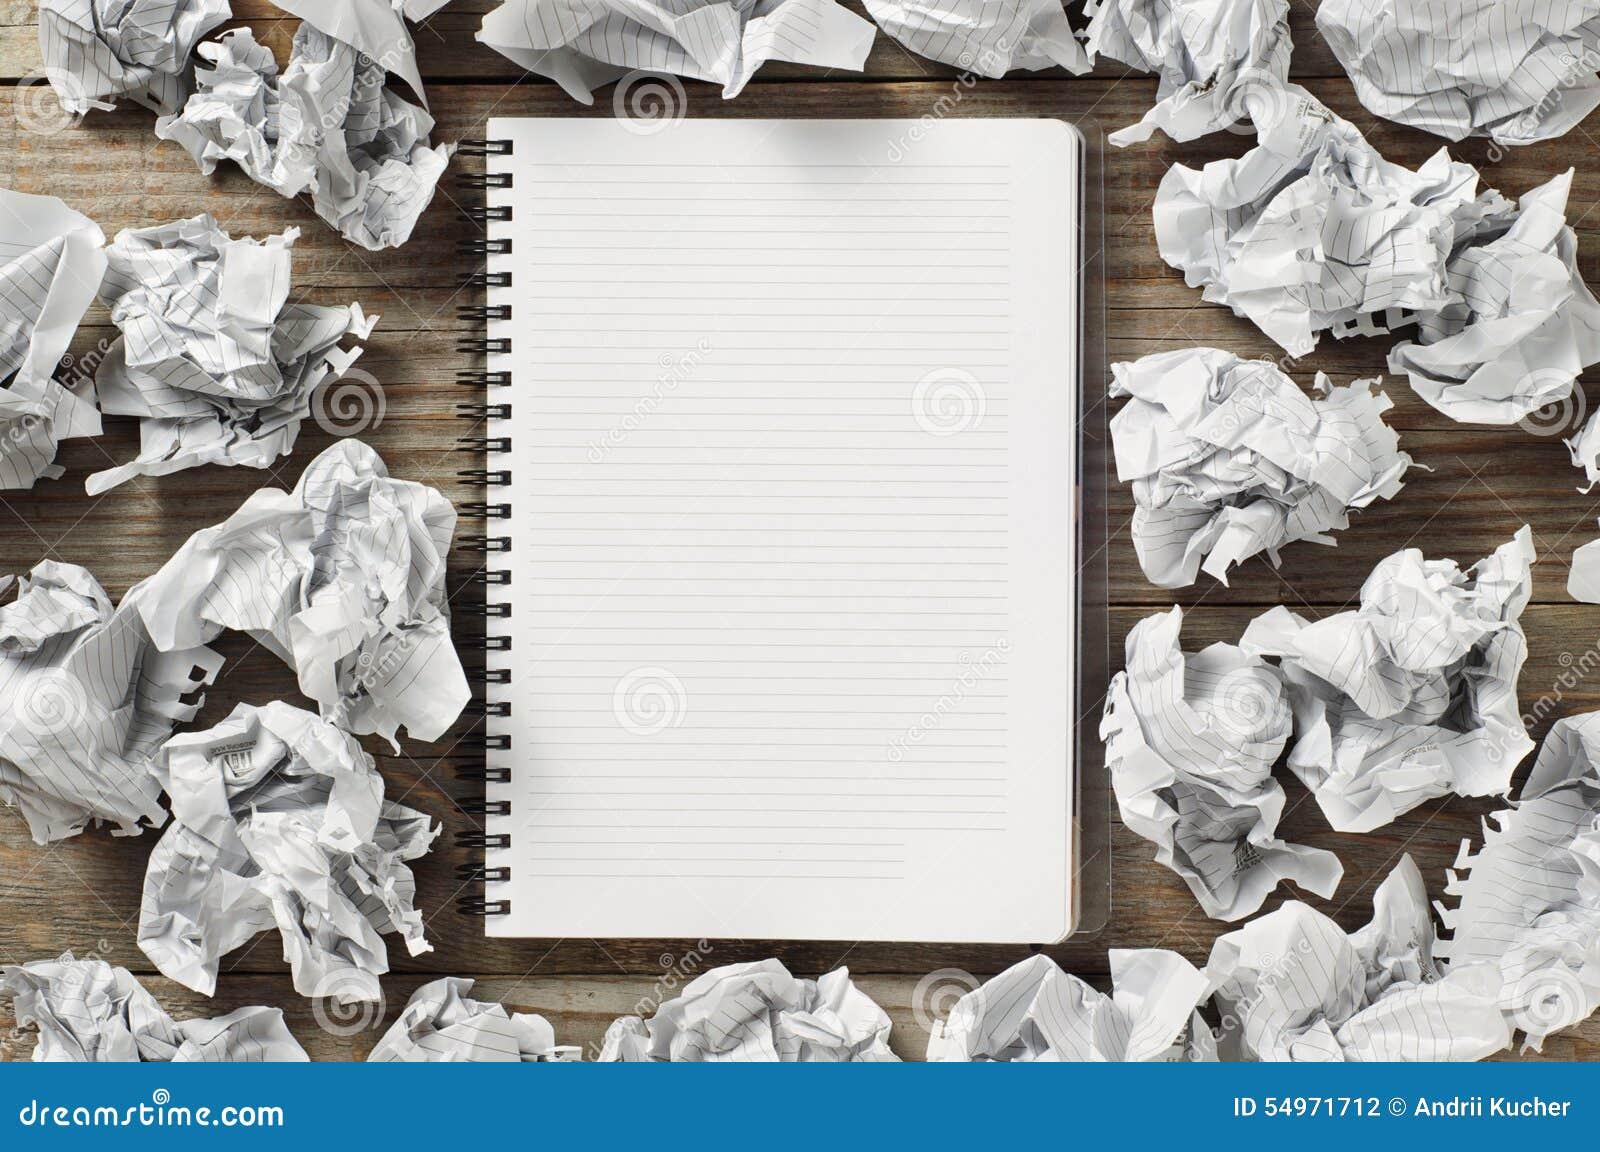 White lie essay